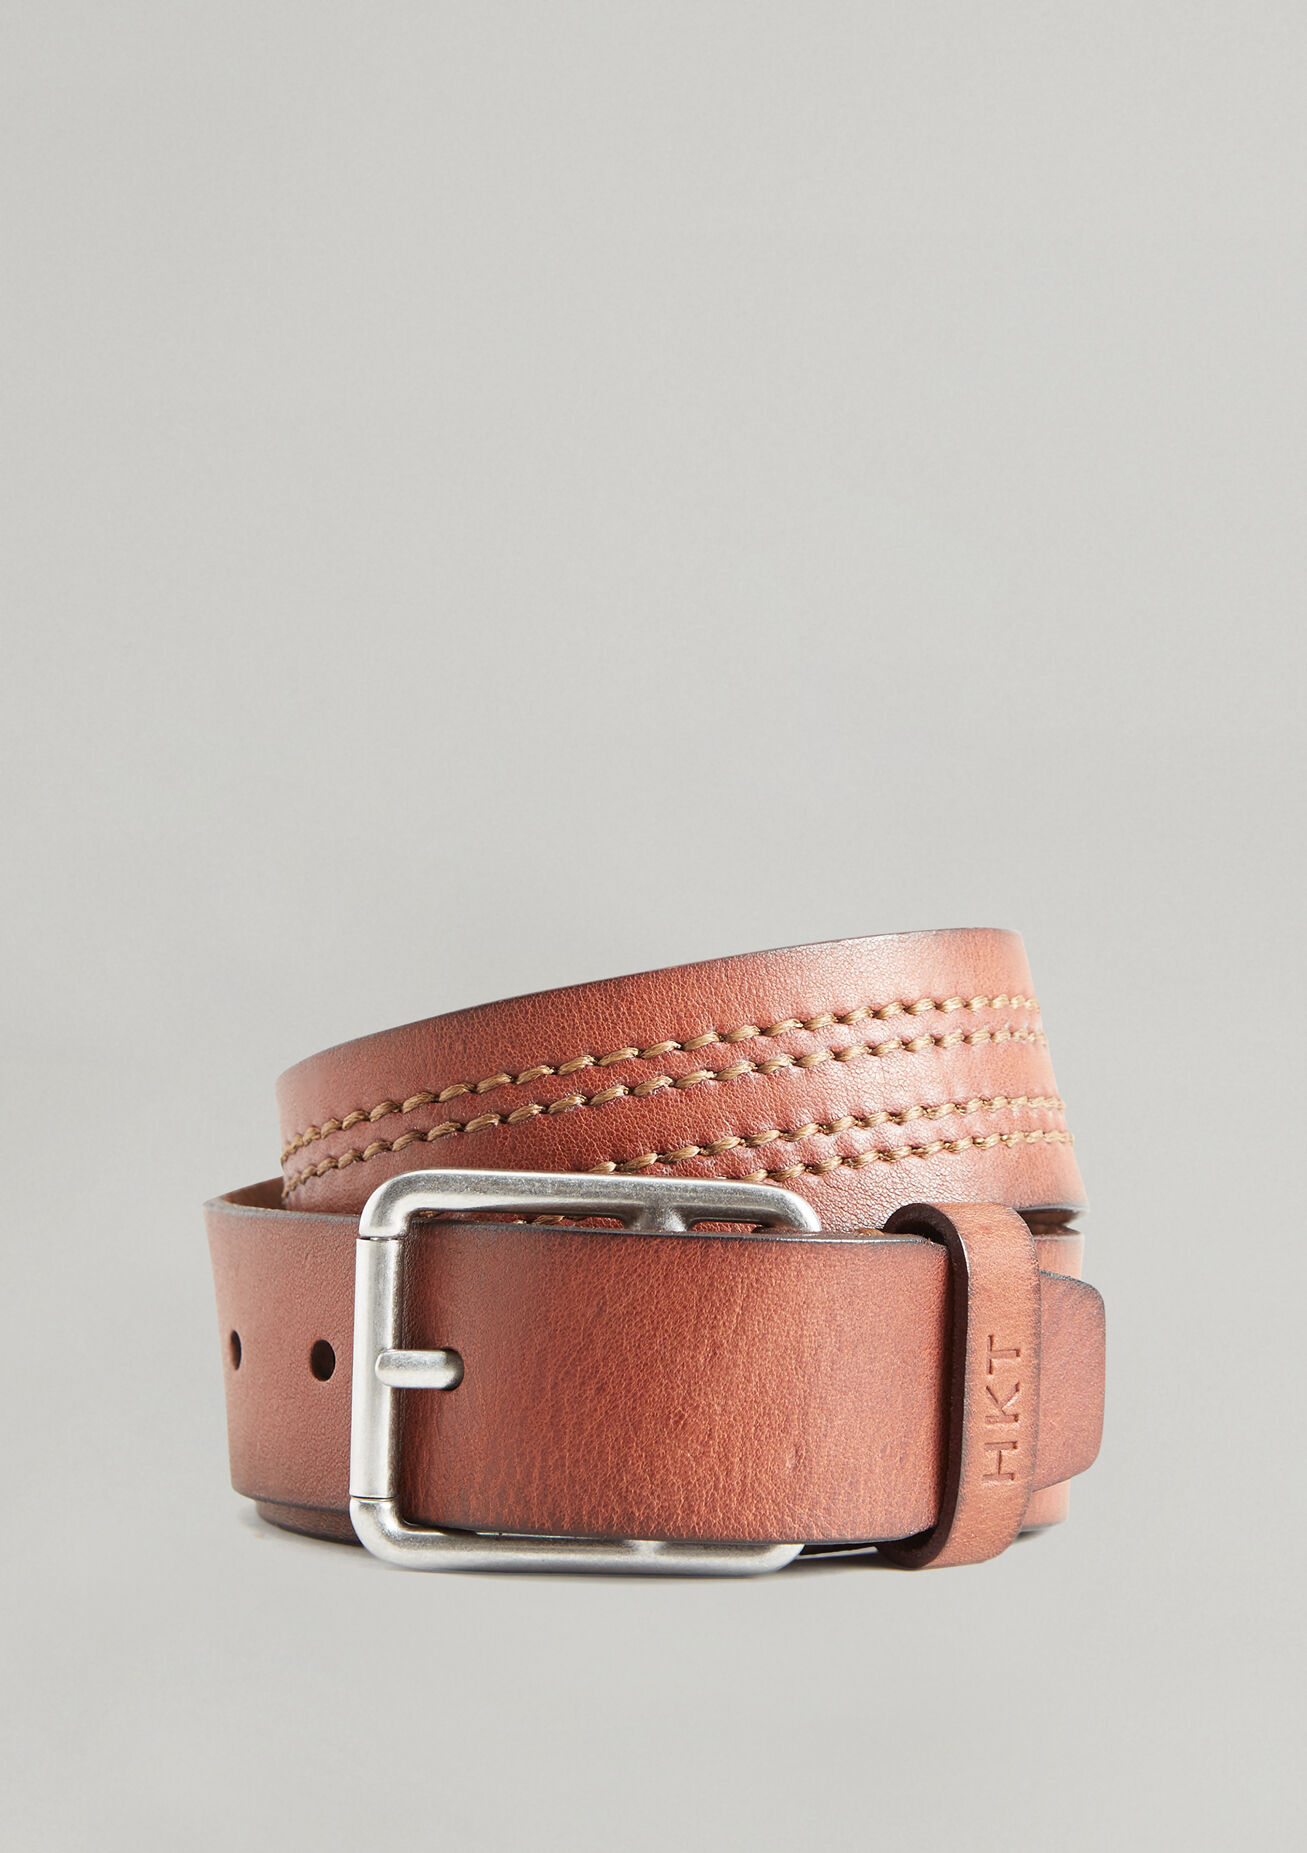 HKT by Hackett London Hkt Punched Belt Cintur/ón para Hombre